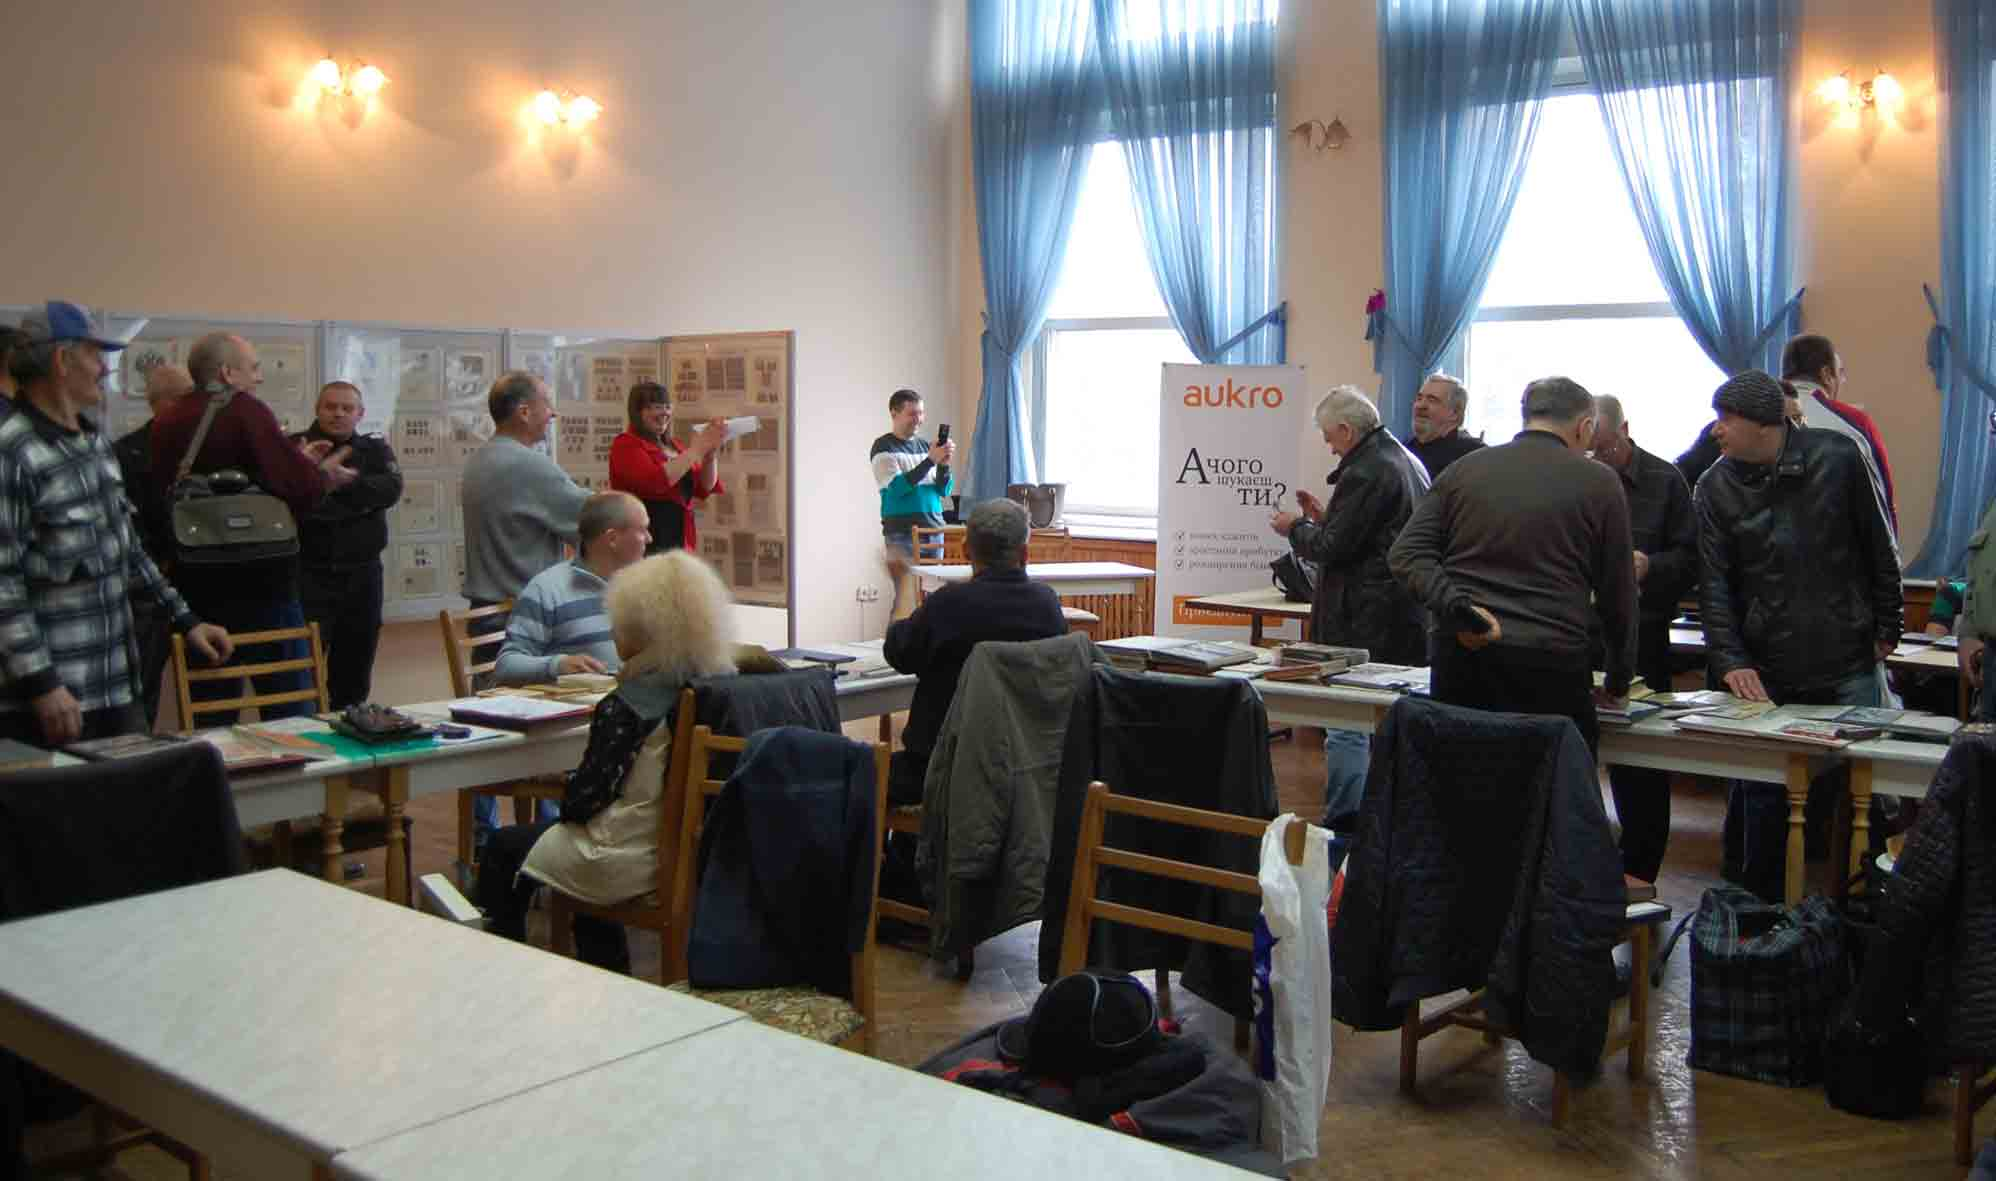 Аукцион при содействии АУКРО на слете филателистов в Днепропетровске. март 2016